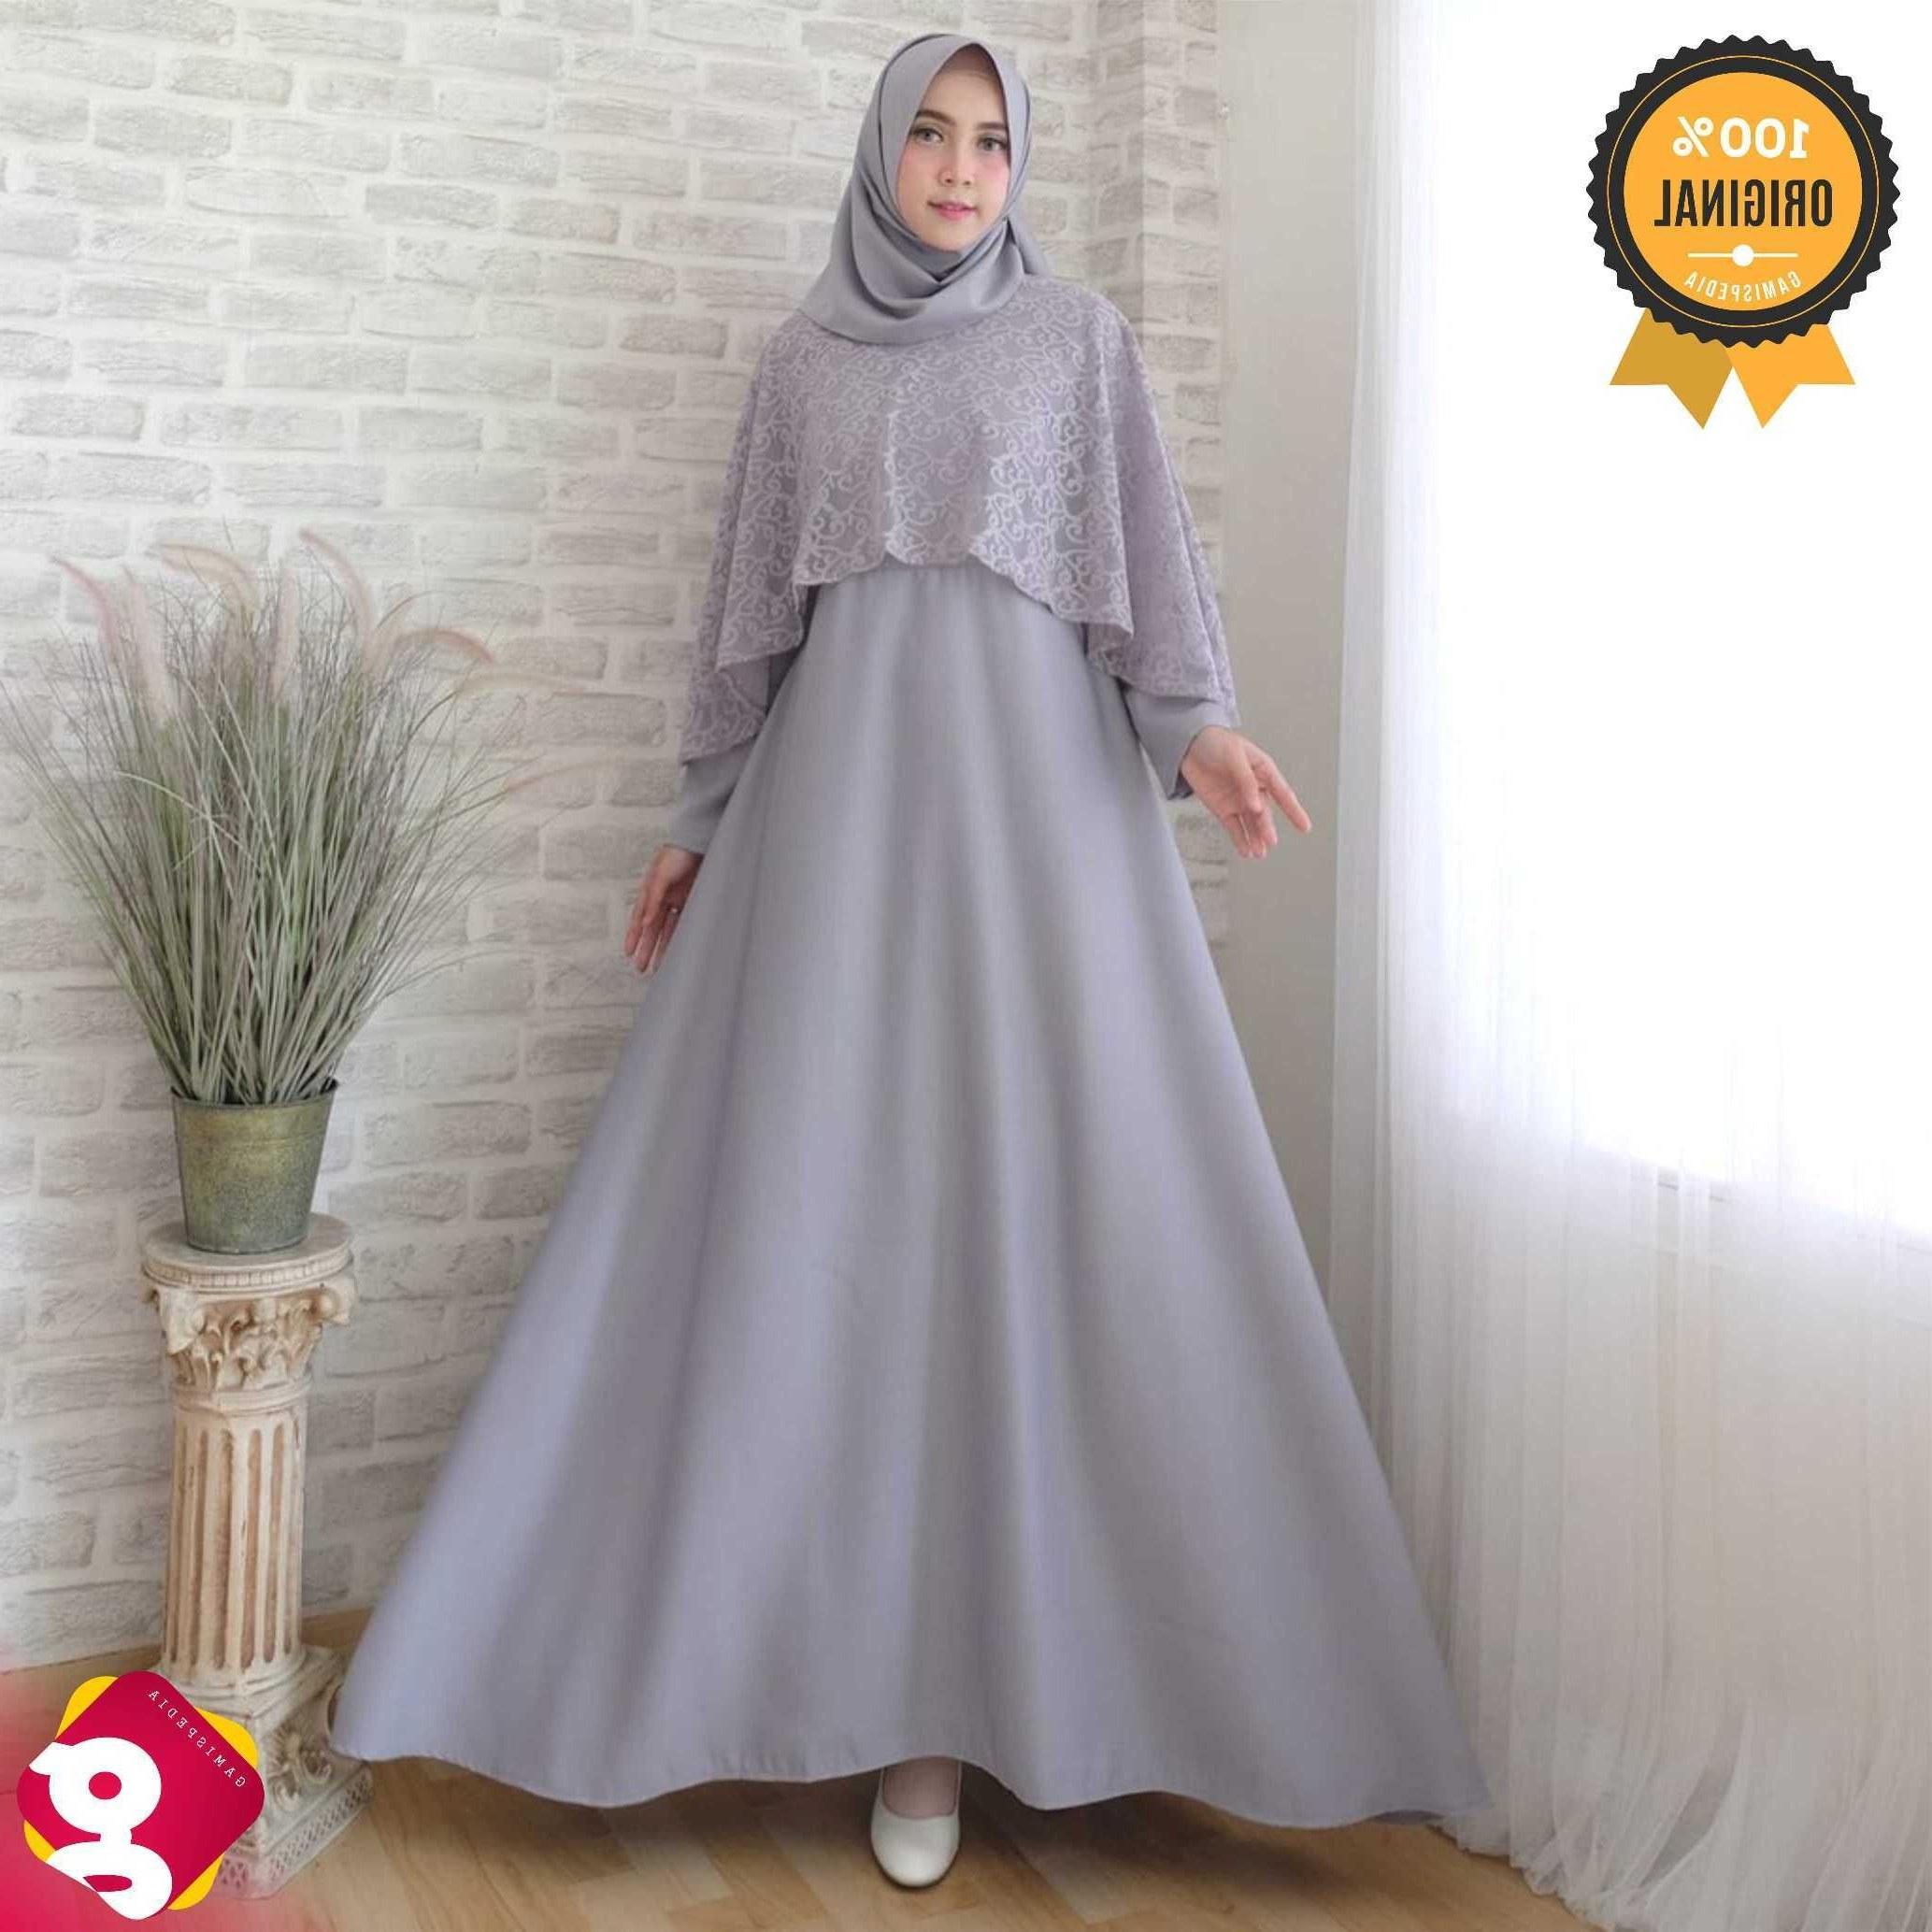 Ide Gamis Untuk Acara Pernikahan 0gdr Model Baju Keluarga Untuk Acara Pernikahan